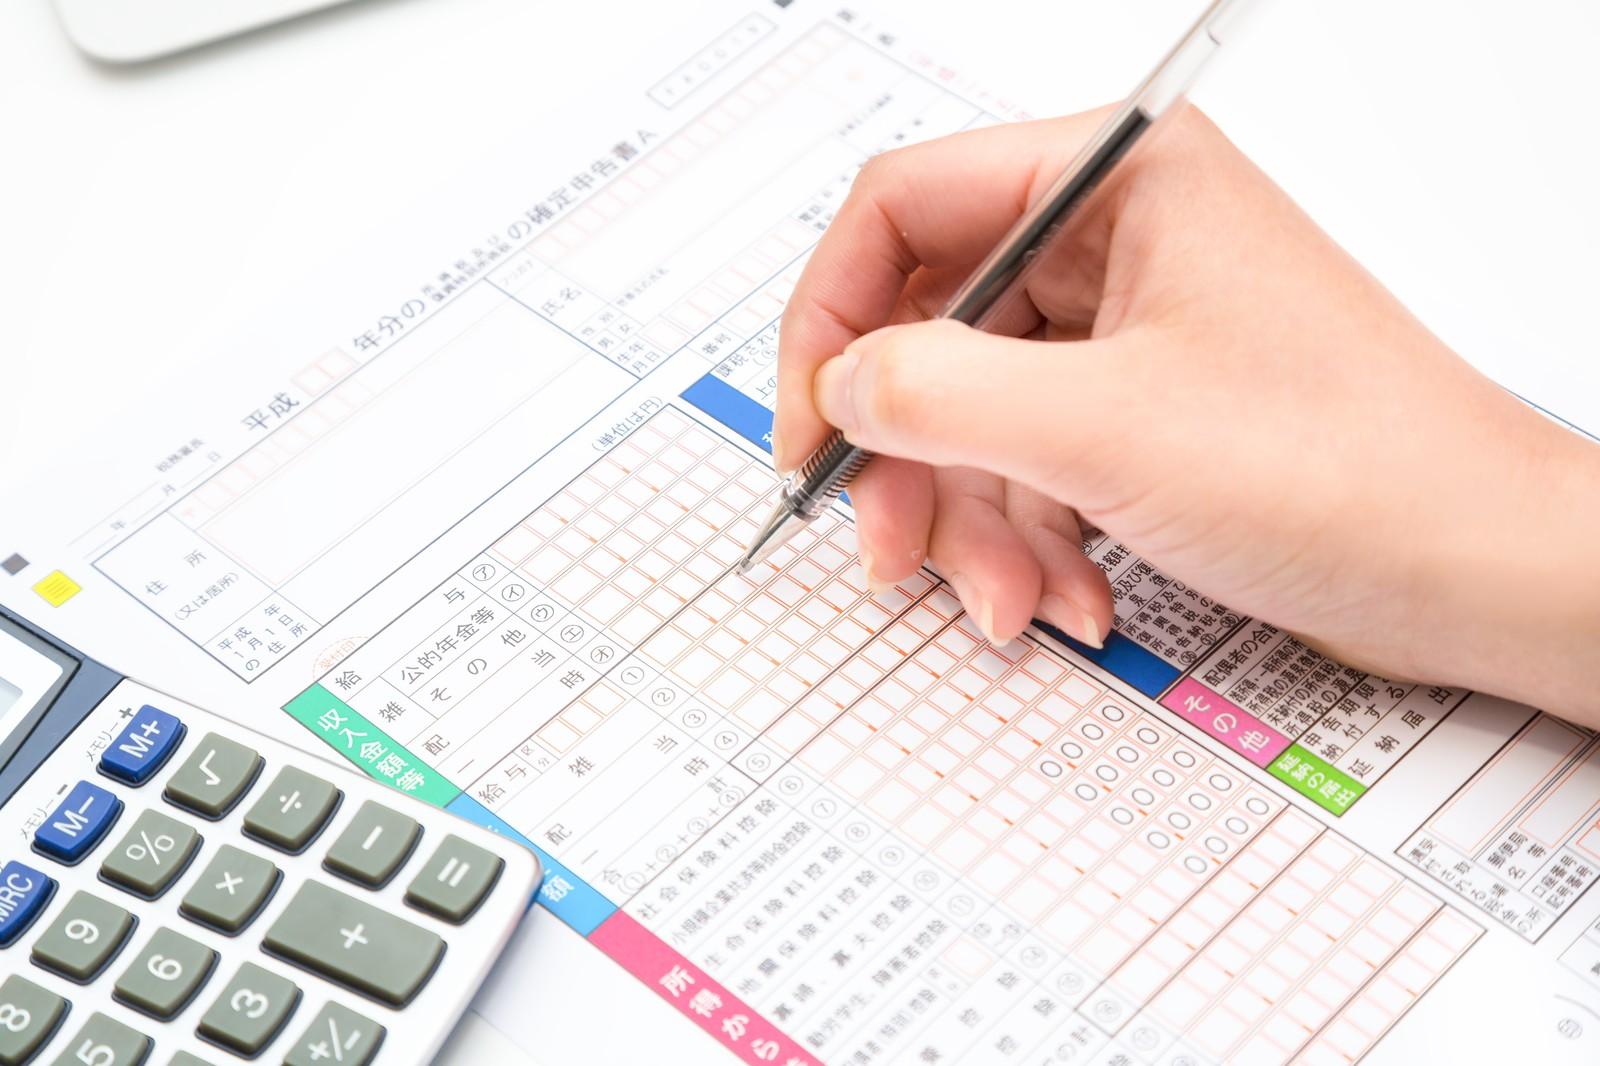 【仕事を辞めたい人必見】退職後にかかるお金③税金